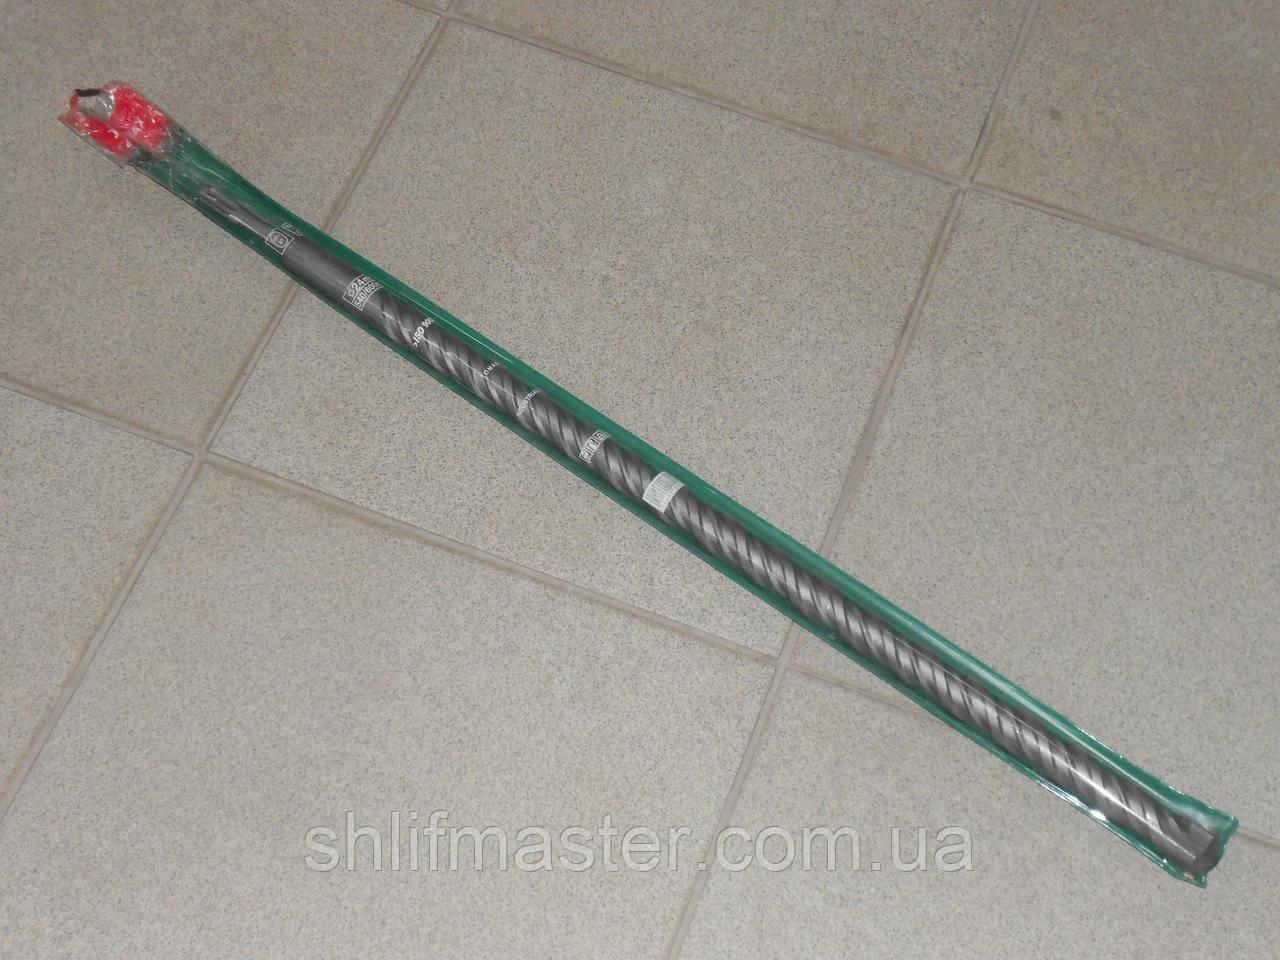 Бур (сверло) по бетону SDS plus Tomax 20х450 мм